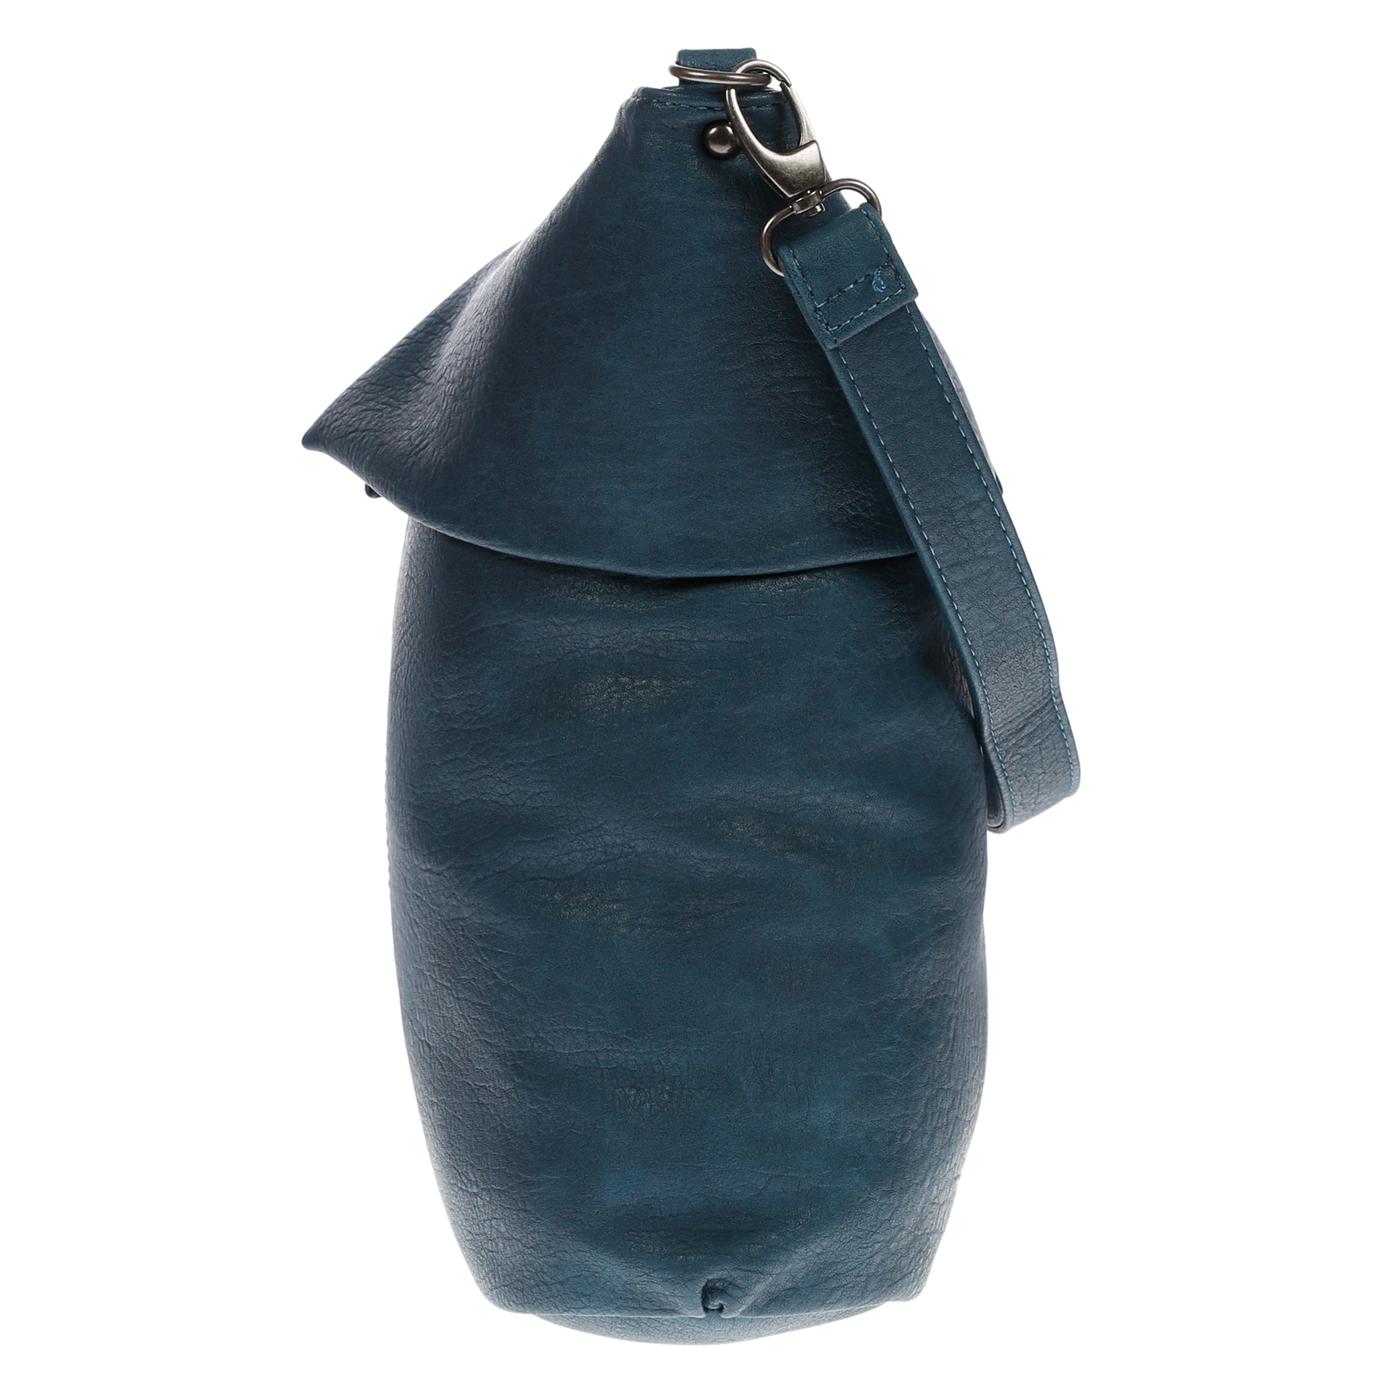 Damentasche-Umhaengetasche-Handtasche-Schultertasche-Leder-Optik-Tasche-Schwarz Indexbild 14